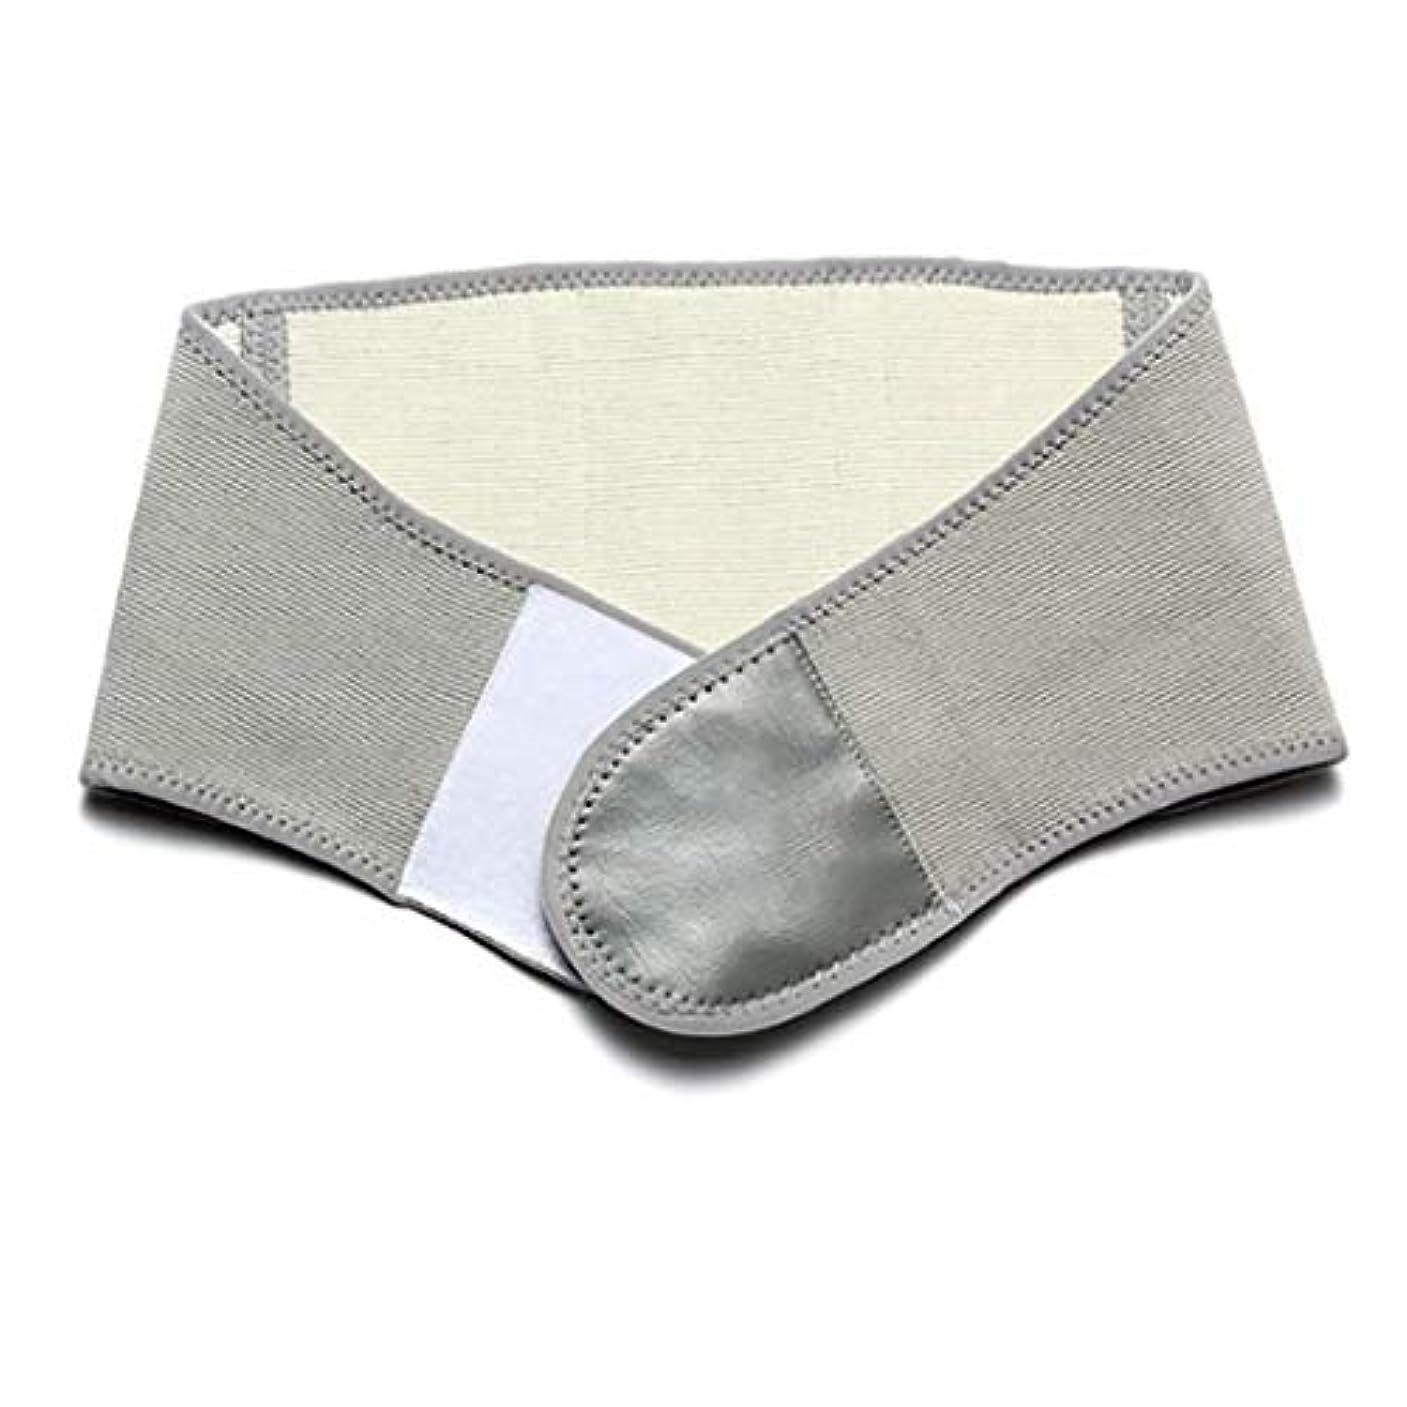 少数シルク寄付するウエスト補正ベルト、バック/ウエスト暖かさ、ランバーサポートベルト、通気性ベルト、メンズとウィメンズフィットネスベルト